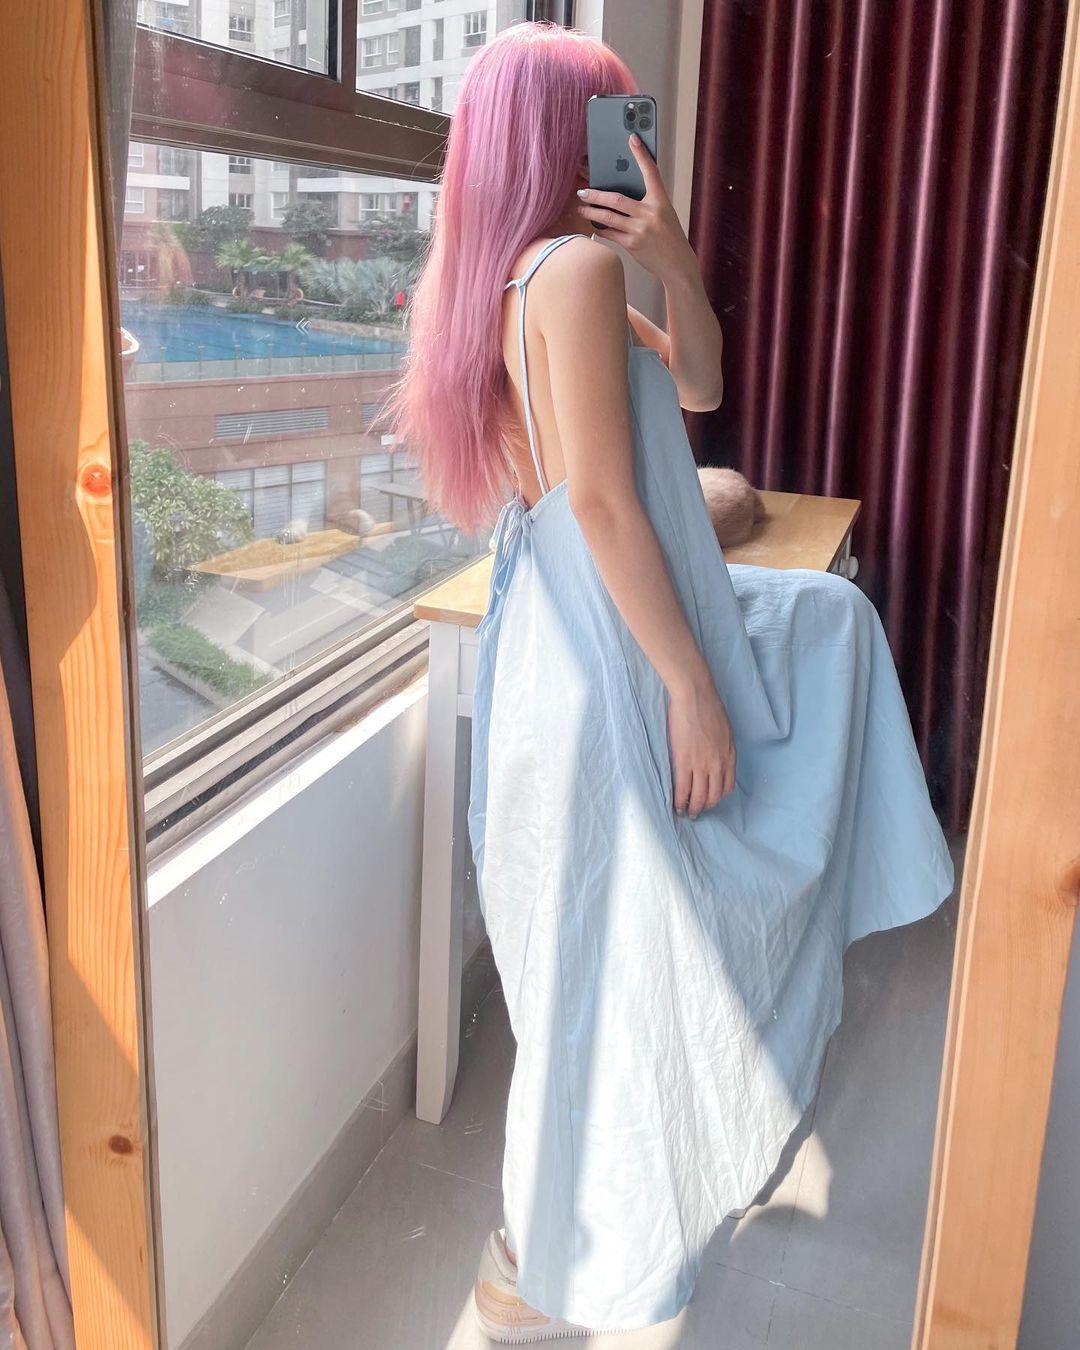 Chỉ từ 240k sắm váy hở lưng xinh yêu sexy lại mát rượi chấp hết nắng nóng Sài Gòn - Ảnh 4.